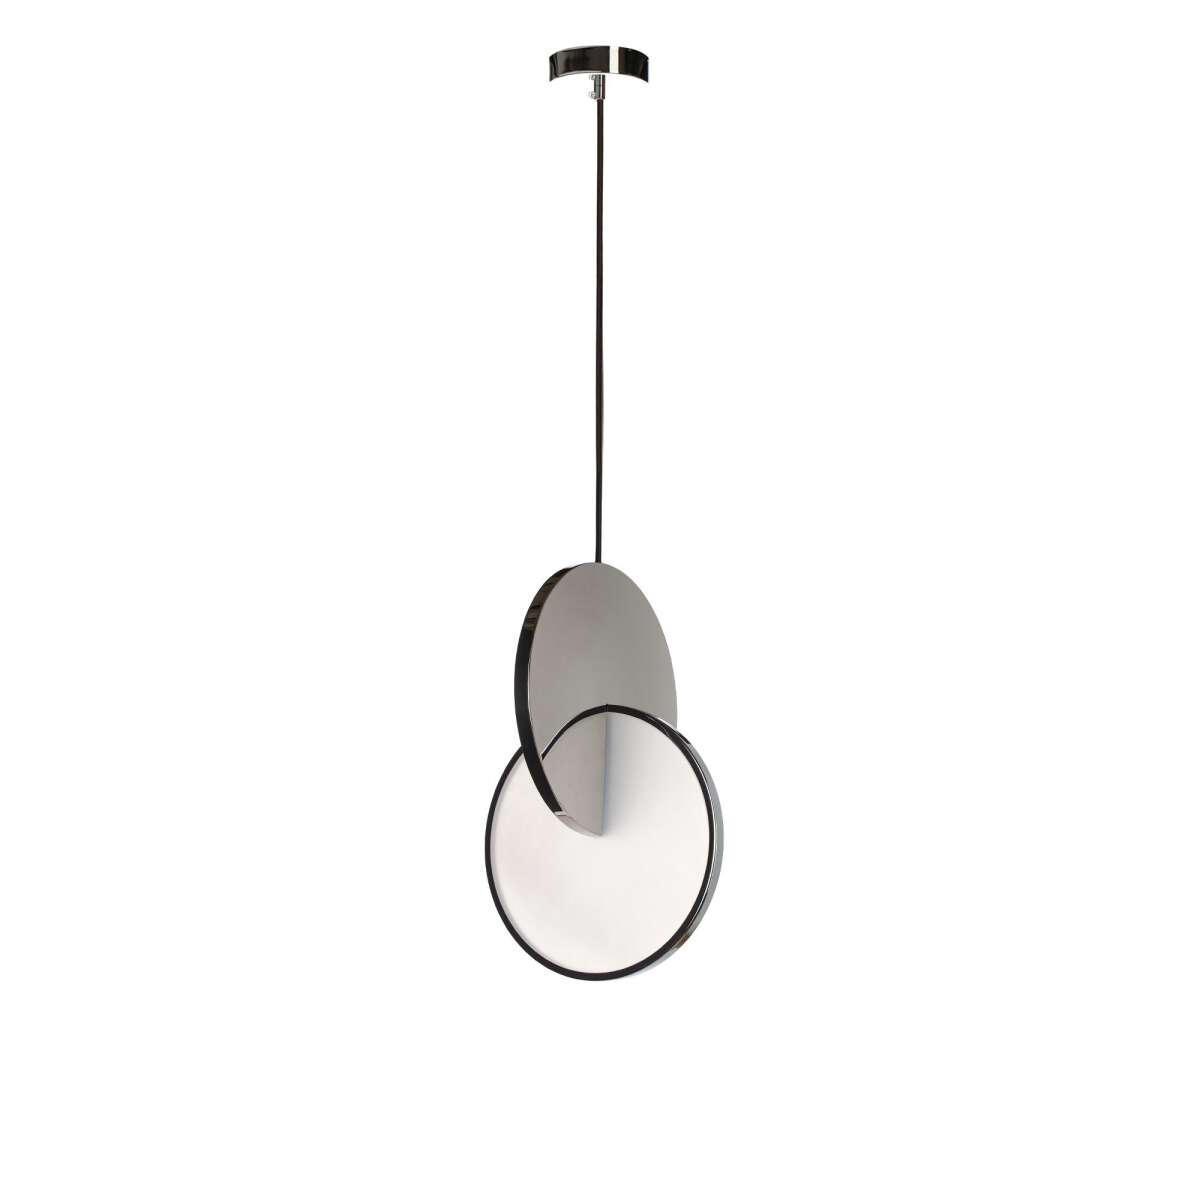 Подвесной светодиодный светильник Loft It Eclipse 9970P, LED 22W, хром, хром с белым, металл, металл с пластиком - фото 1